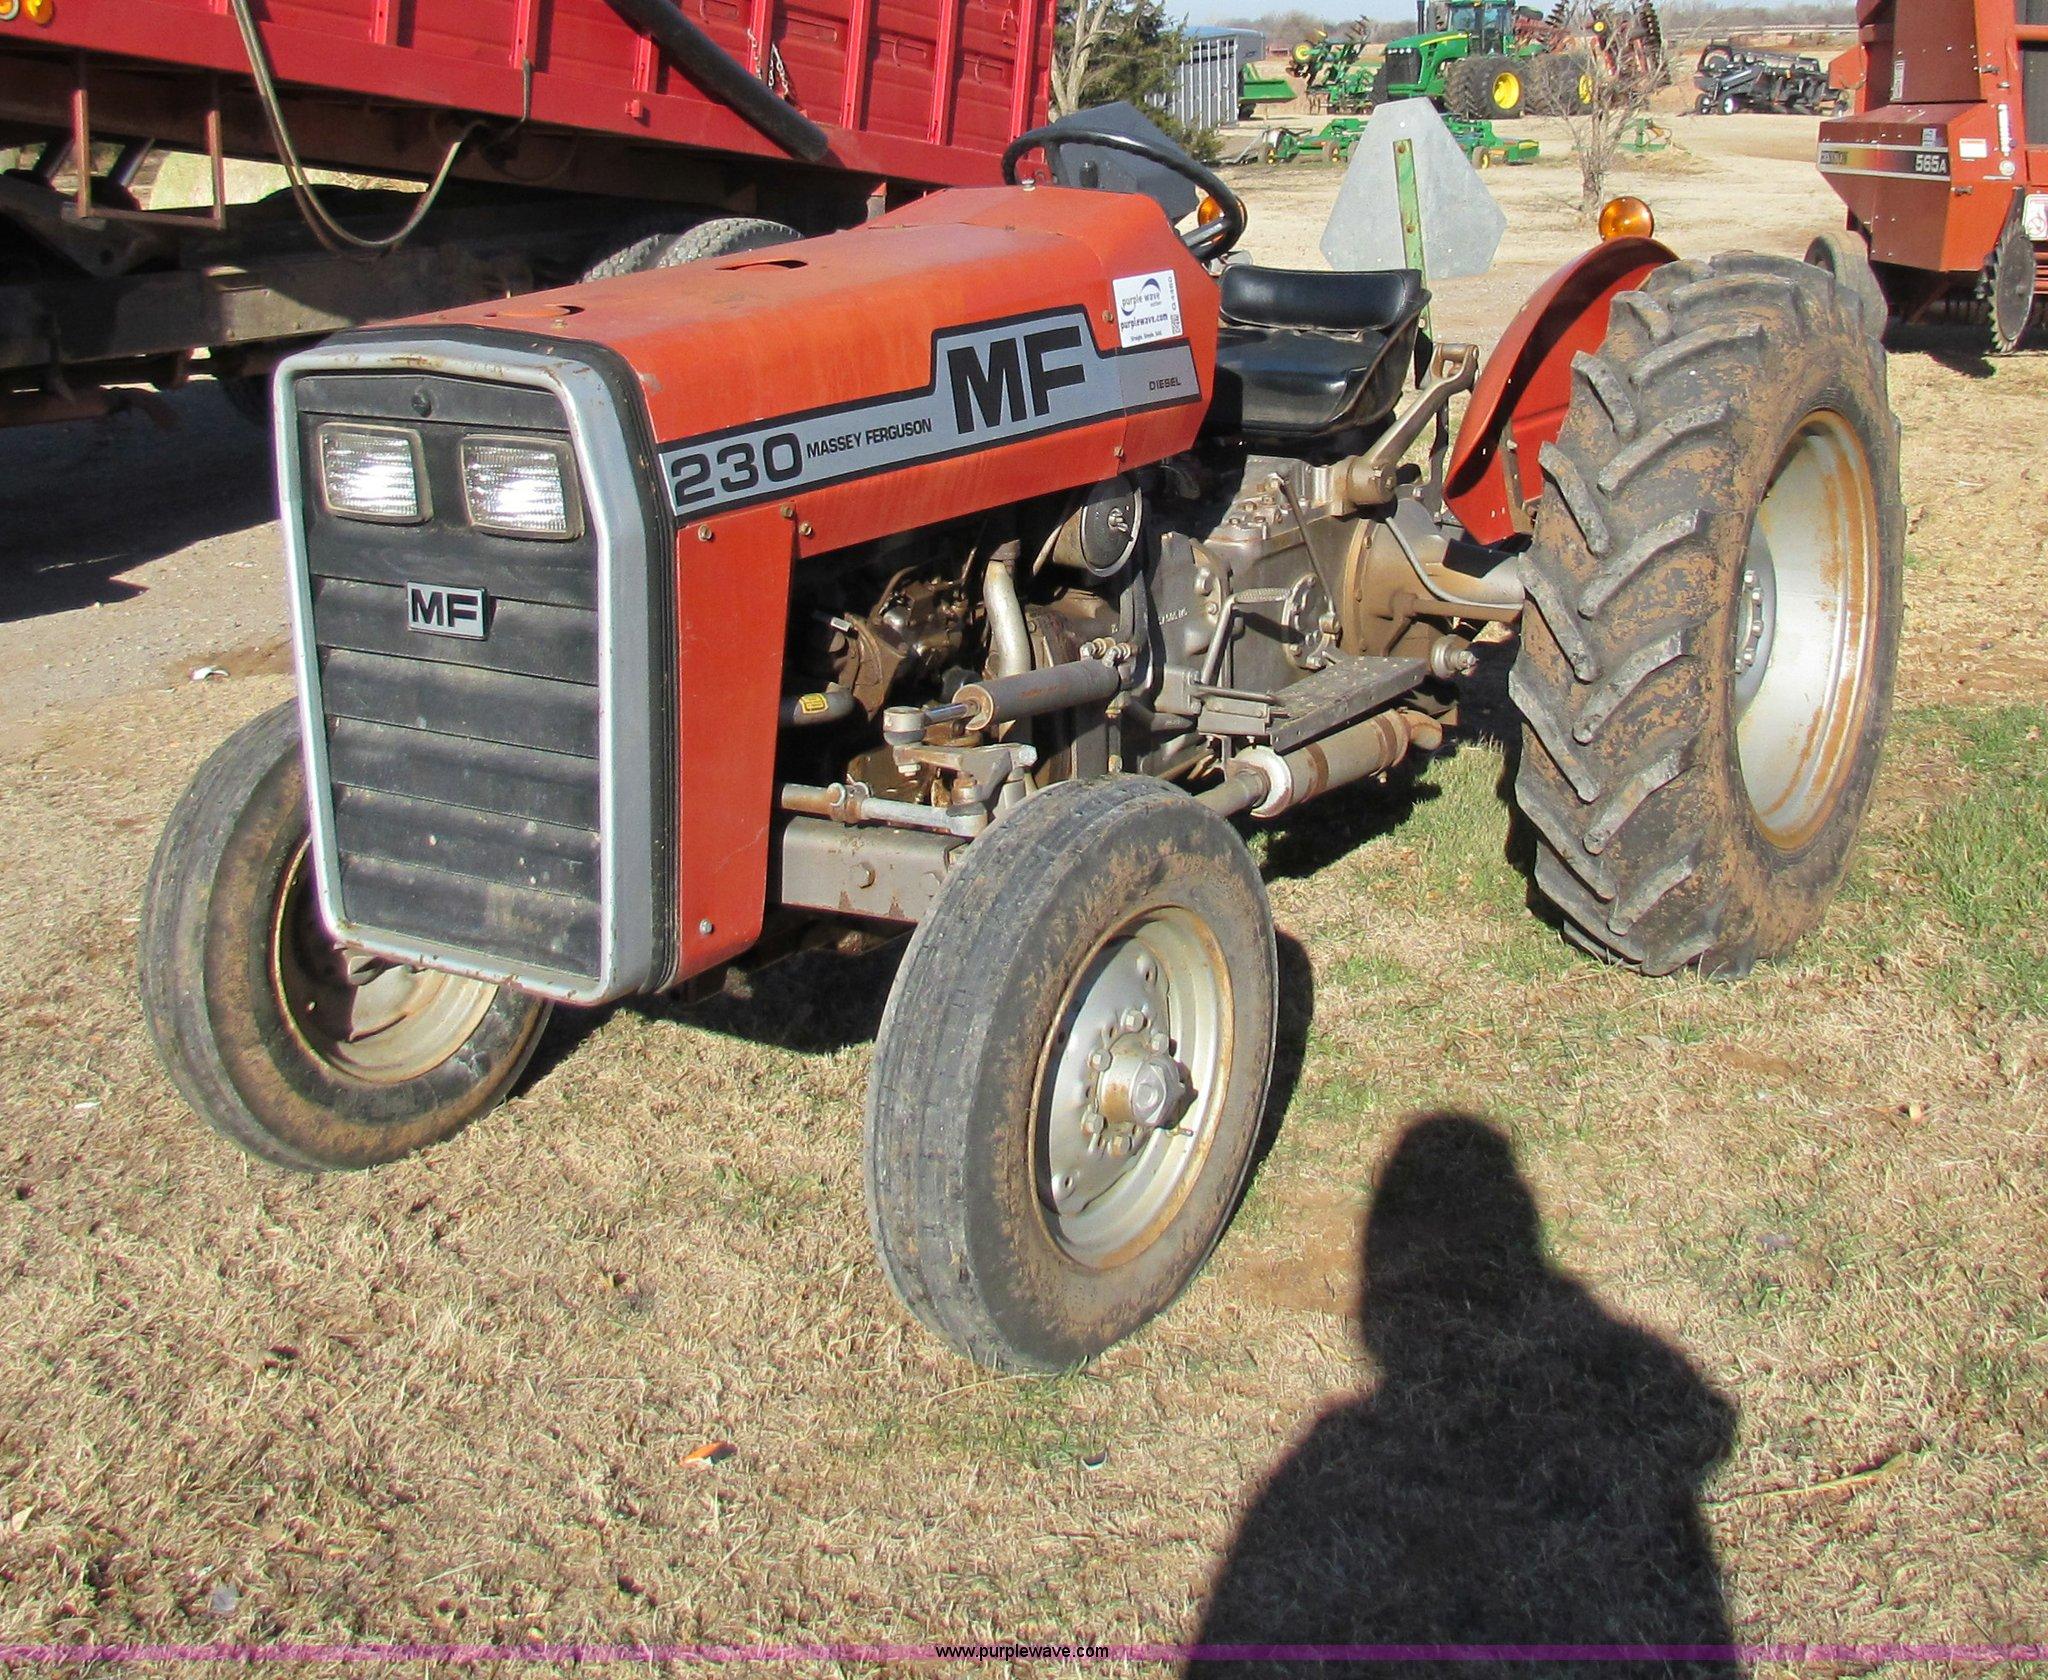 G4460 image for item G4460 1982 Massey-Ferguson 230 tractor